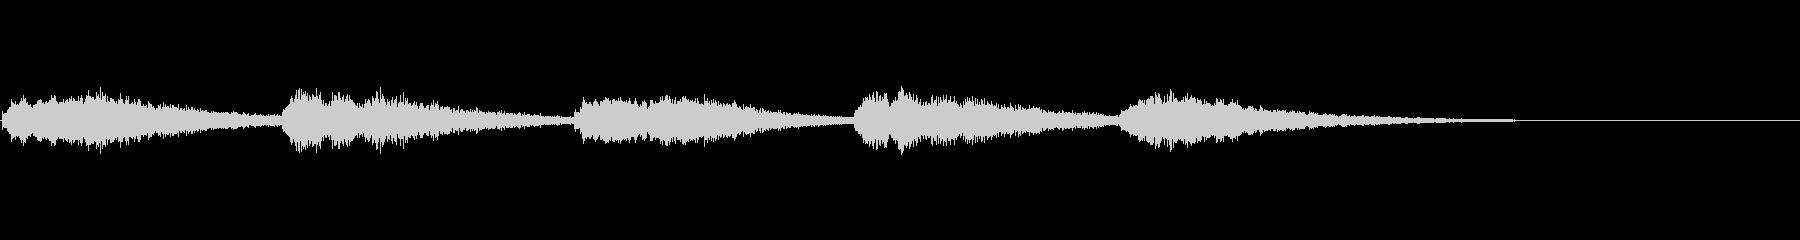 オープニングベル1の未再生の波形